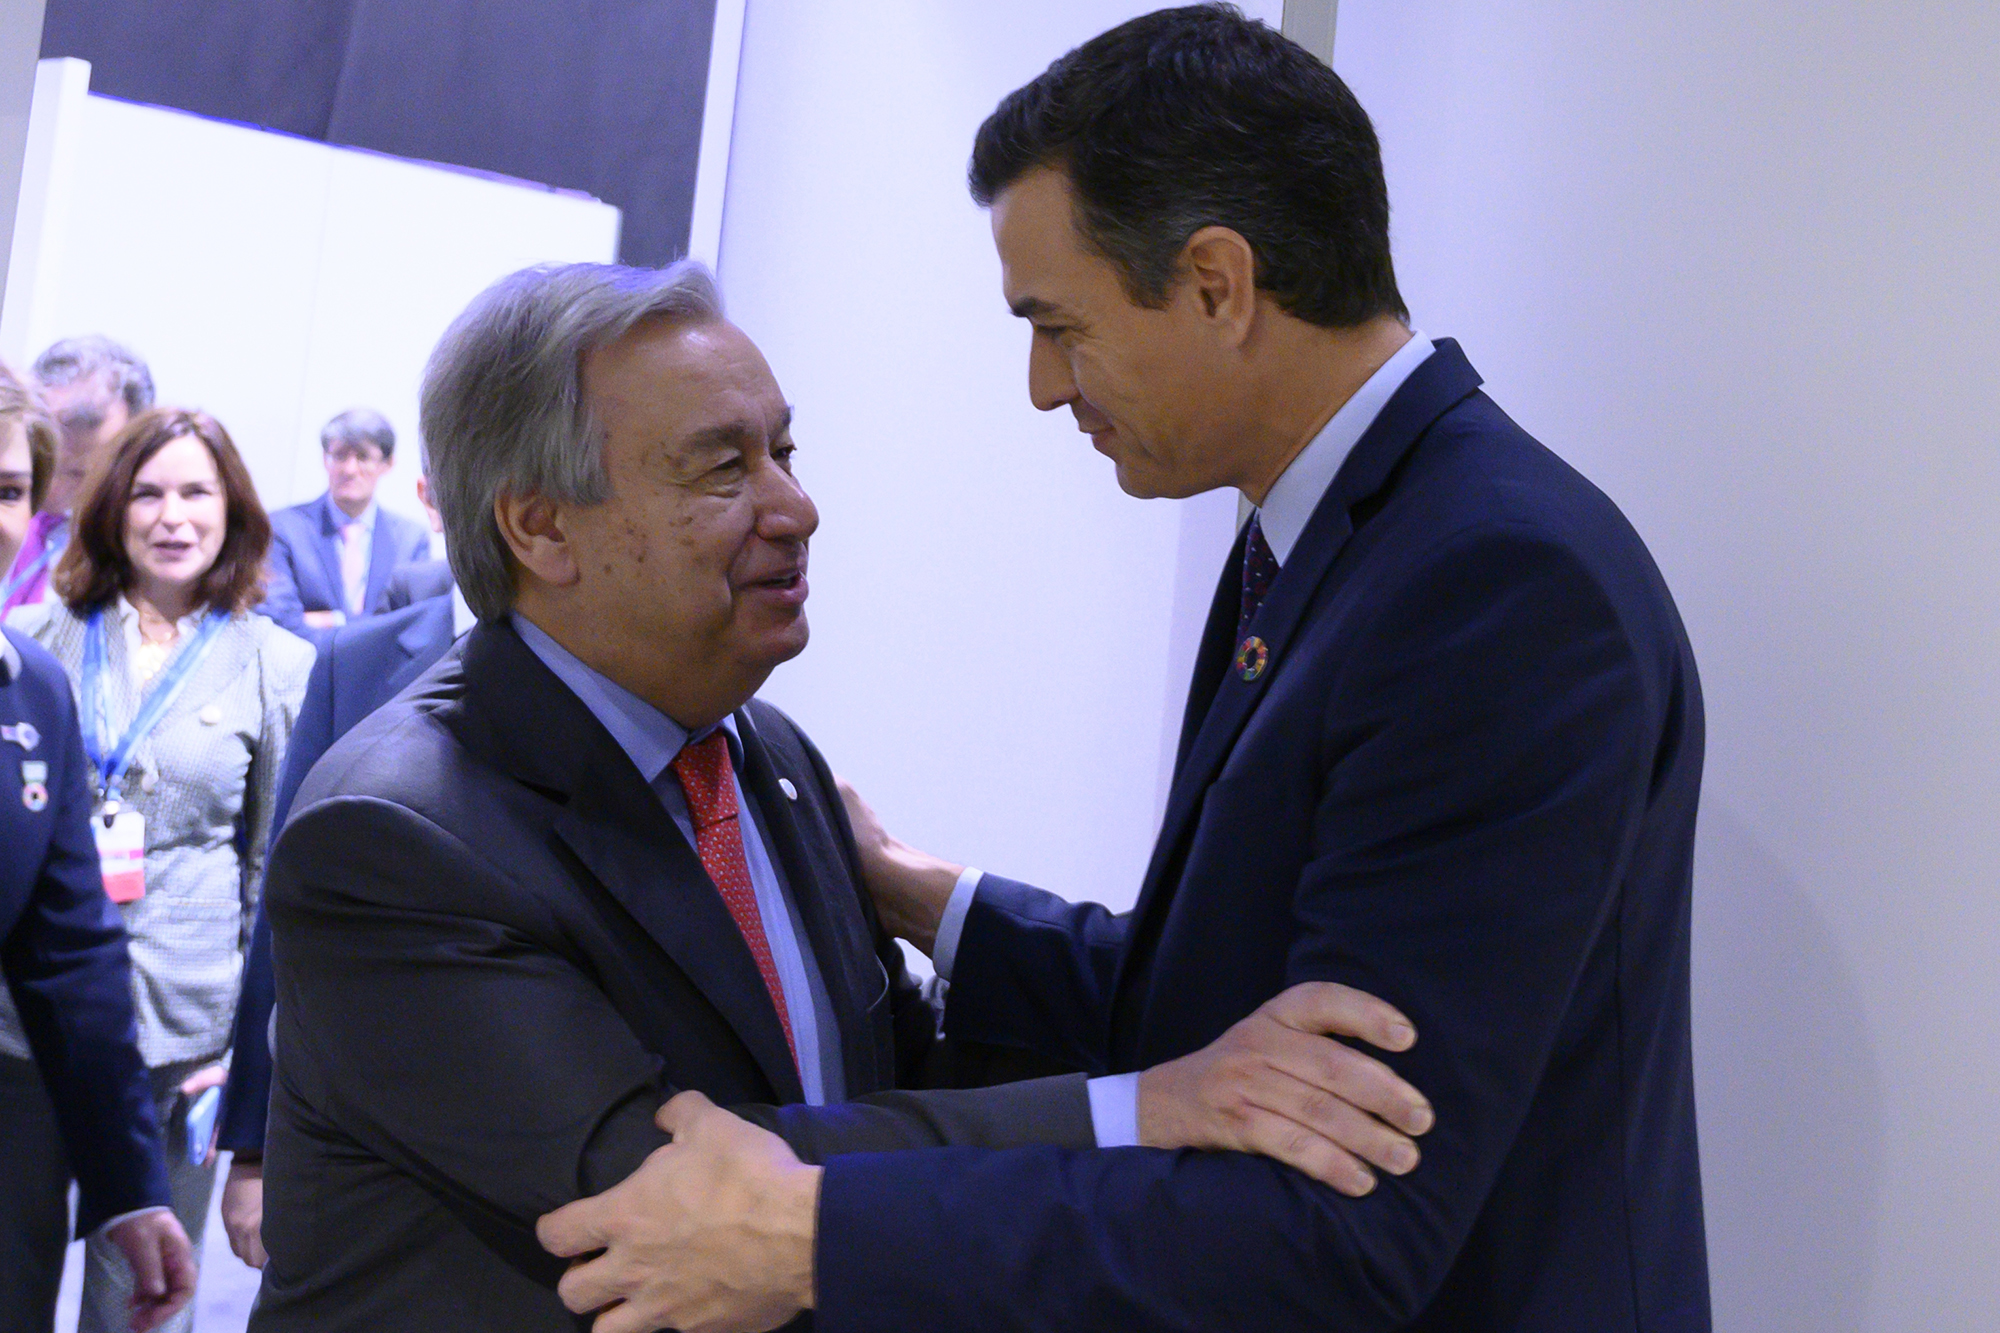 Antonio Guterrez y Pedro Sánchez (Foto: Moncloa/Borja Puig de la Bellacasa)